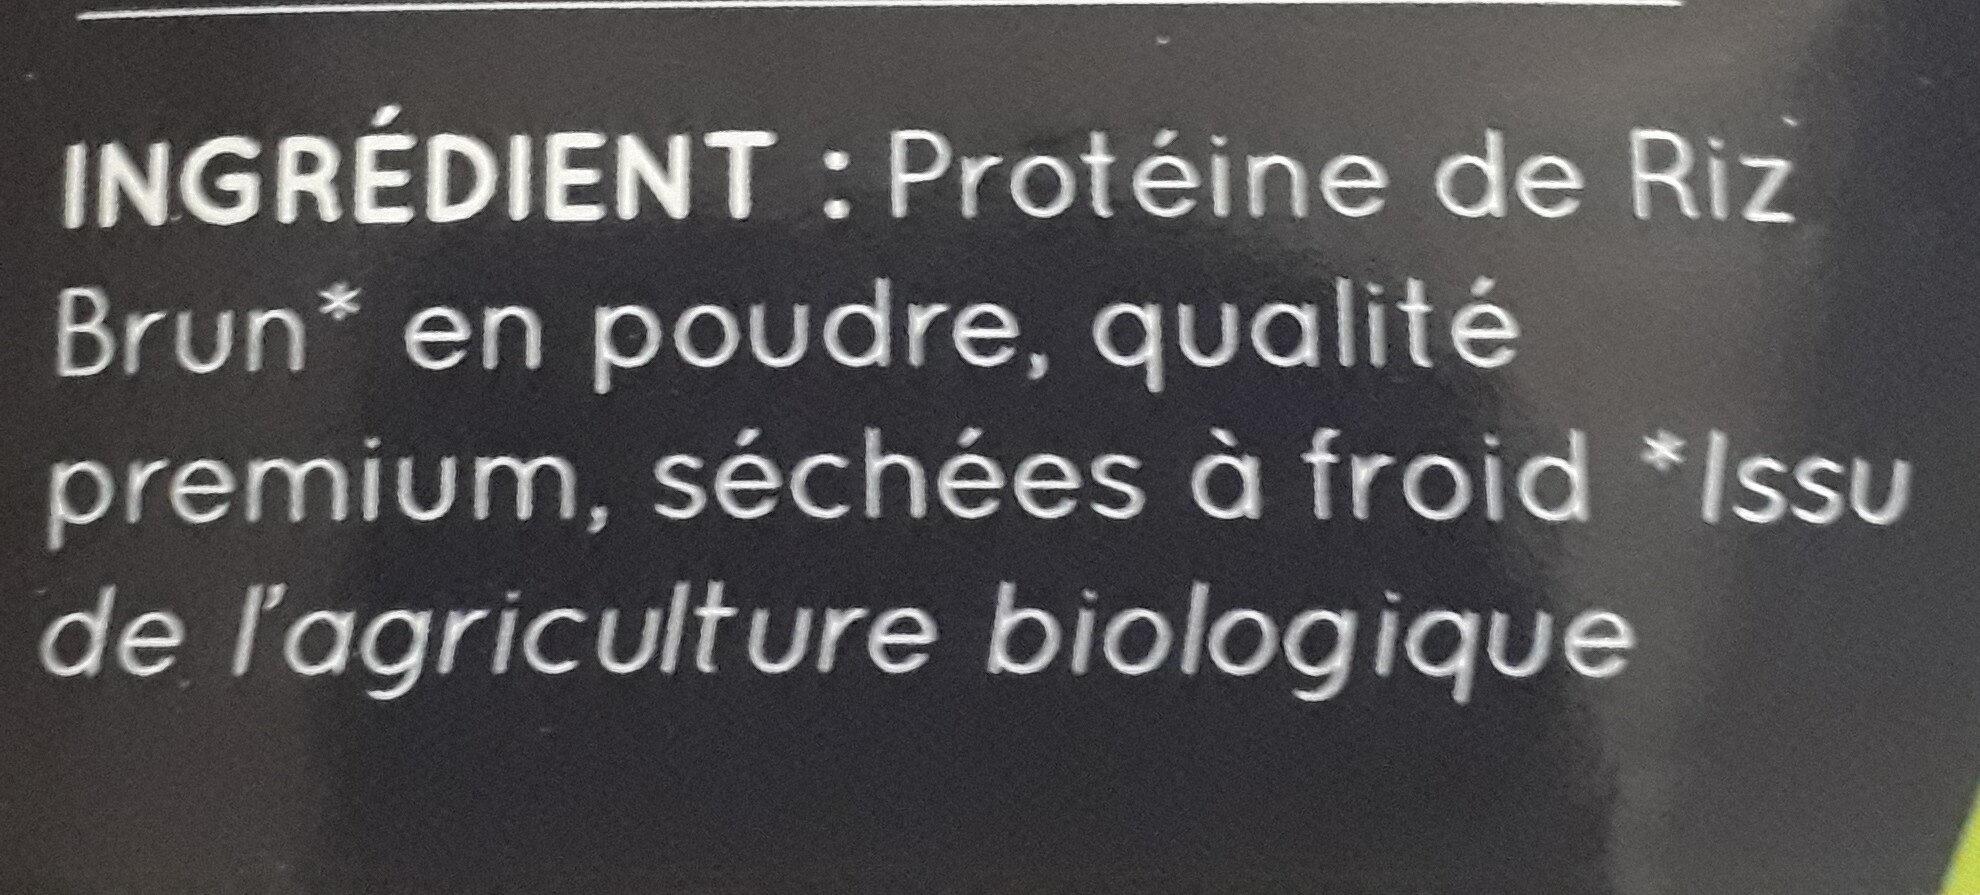 Poudre protéine de riz brun - Ingredients - fr